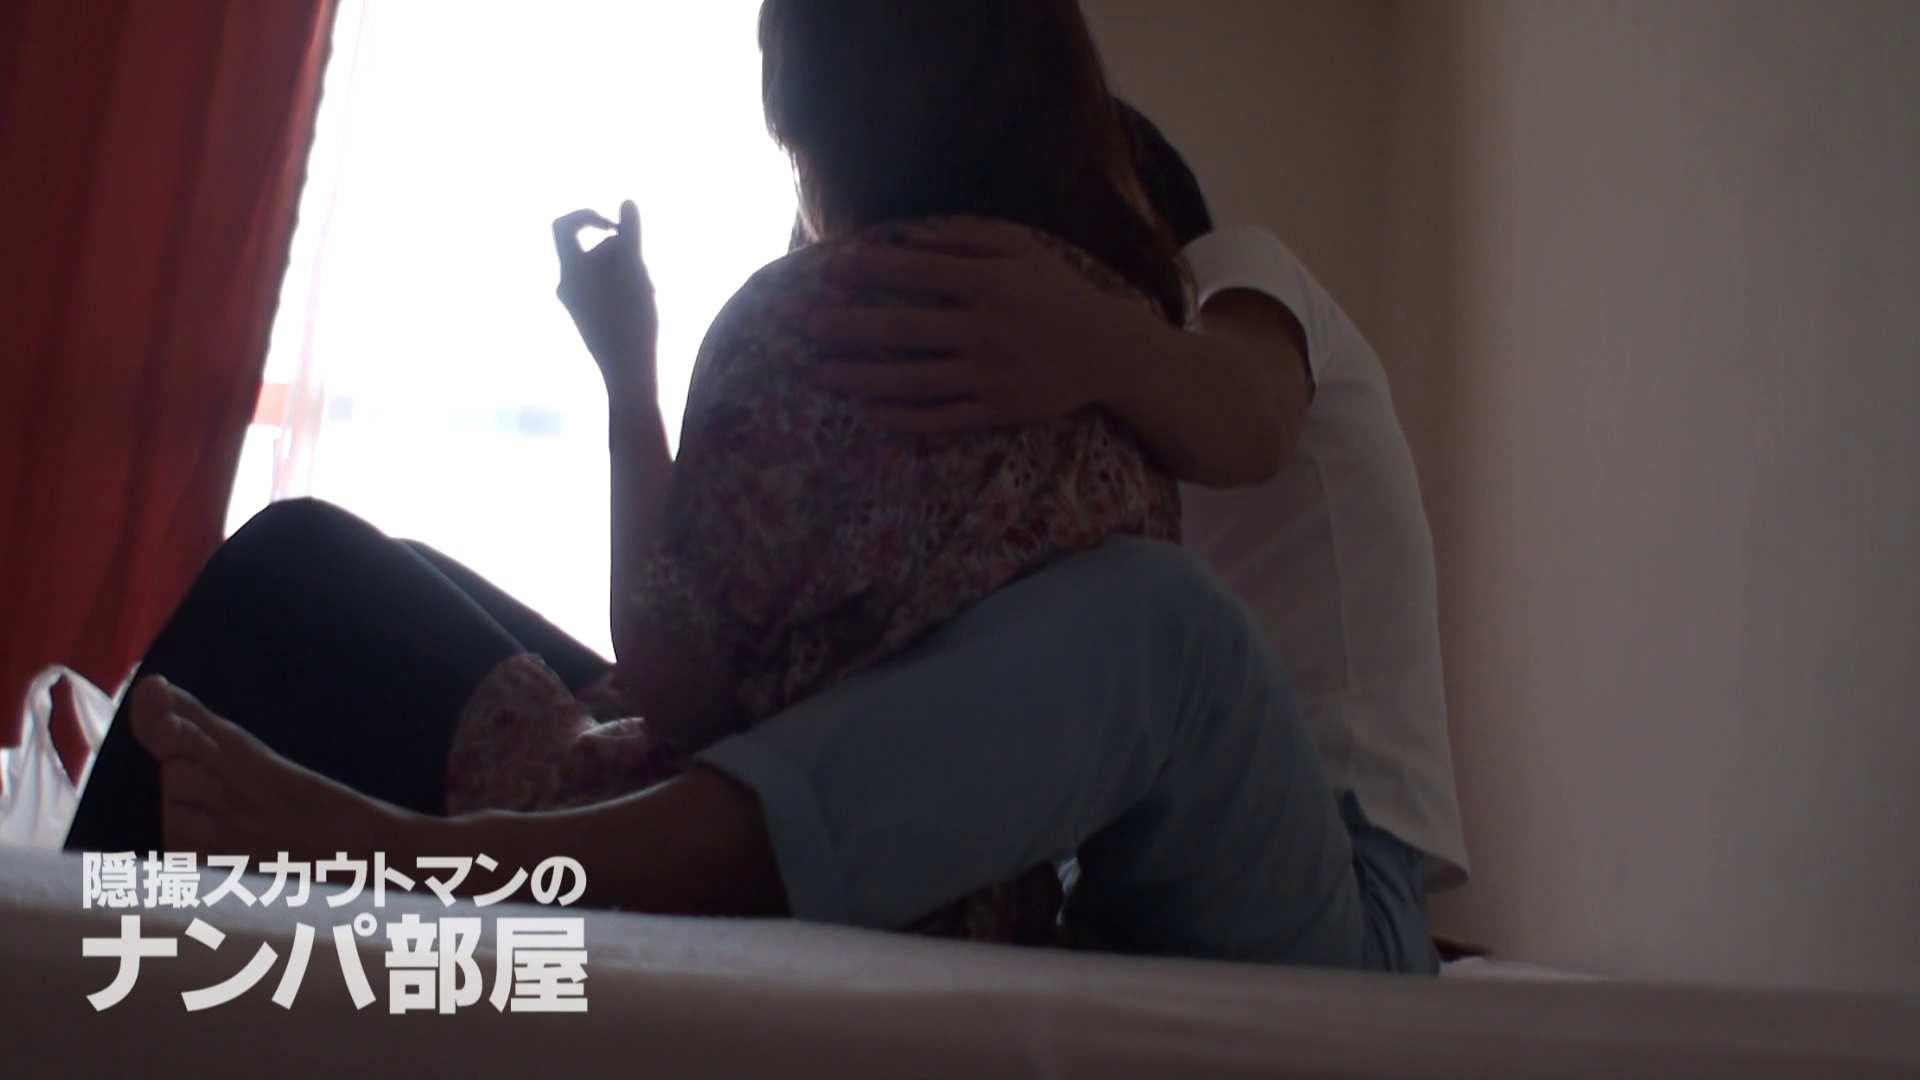 隠撮スカウトマンのナンパ部屋~風俗デビュー前のつまみ食い~ sii 脱衣所  90連発 27